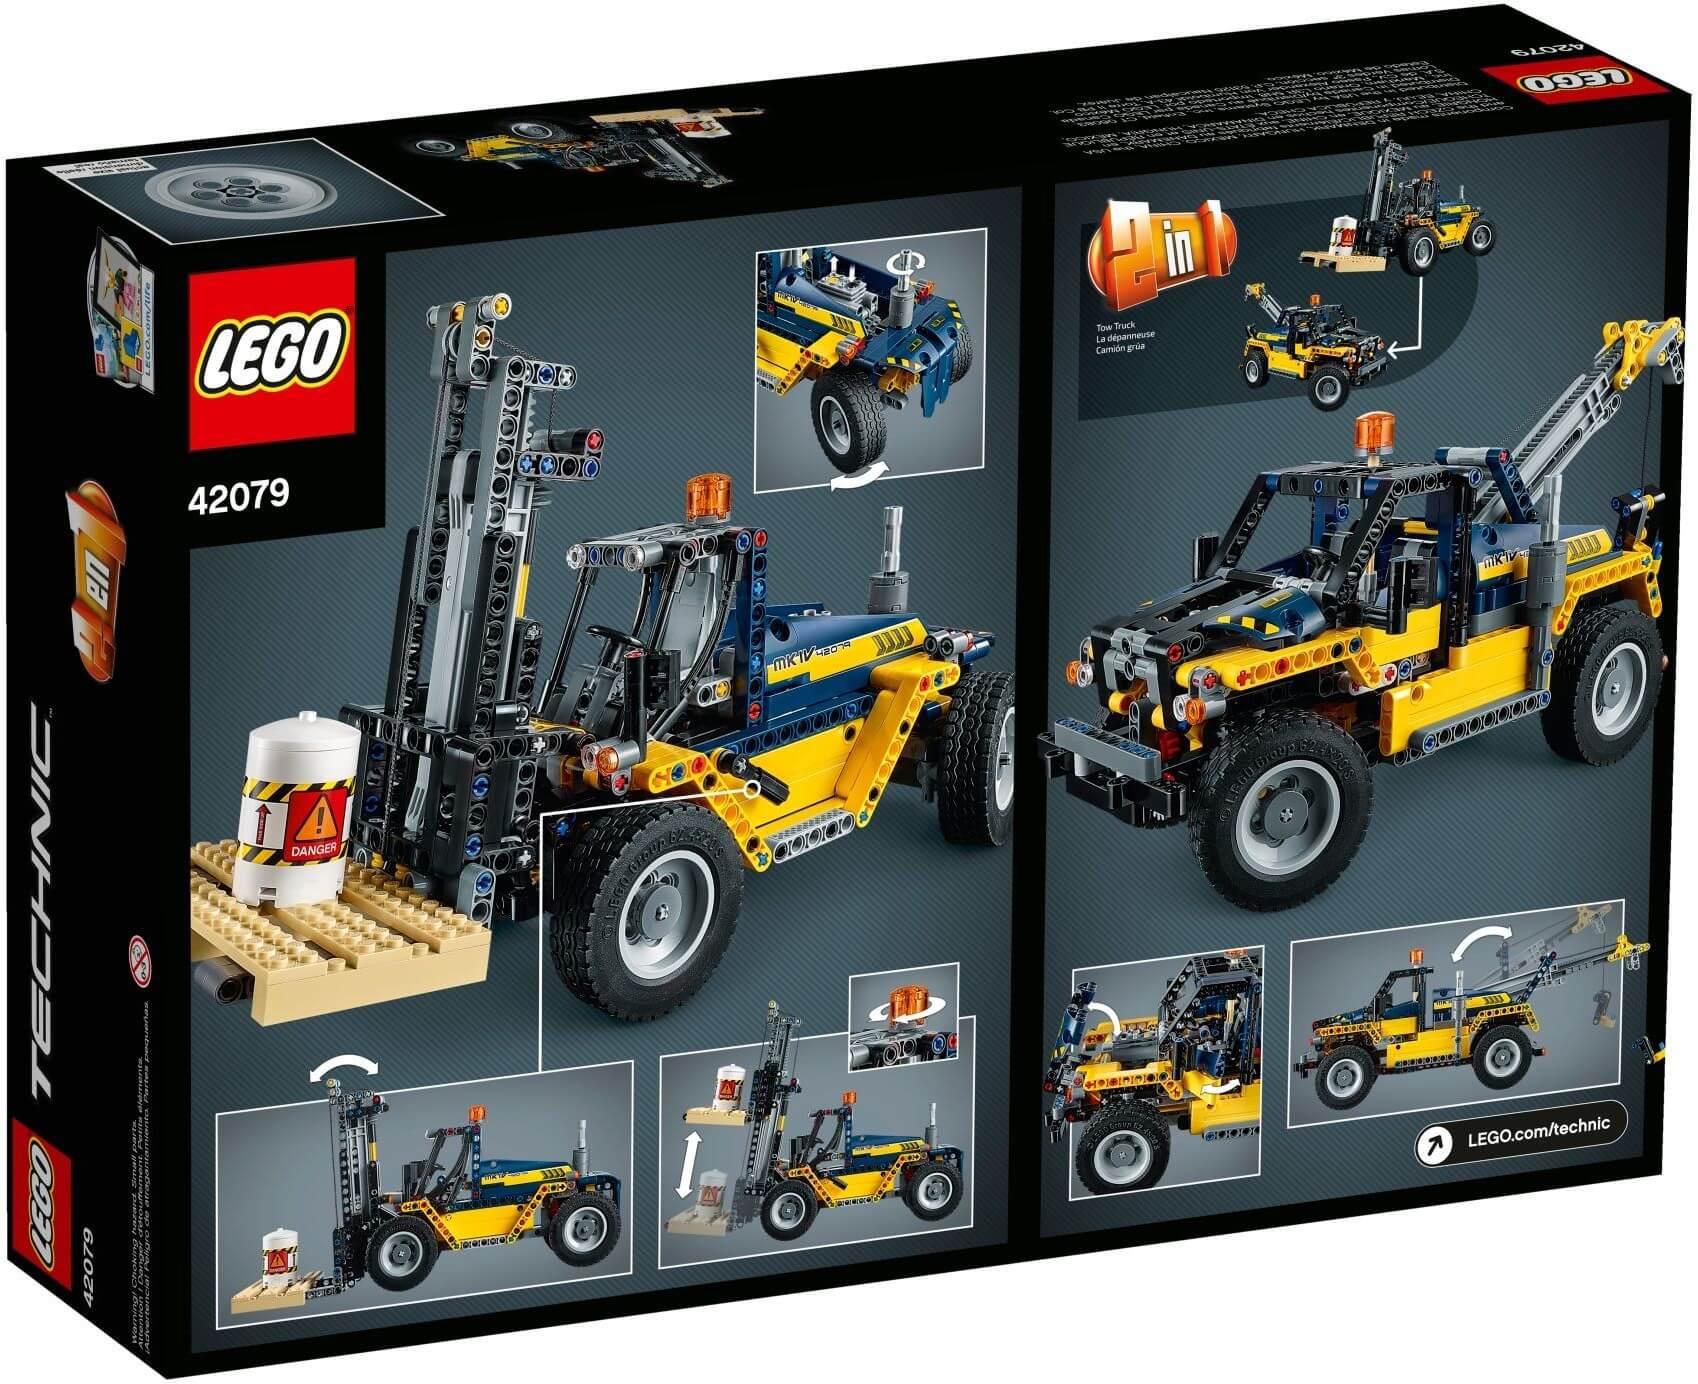 Mua đồ chơi LEGO 42079 - LEGO Technic 42079 - Xe Nâng hạng nặng (LEGO 42079 Heavy Duty Forklift)